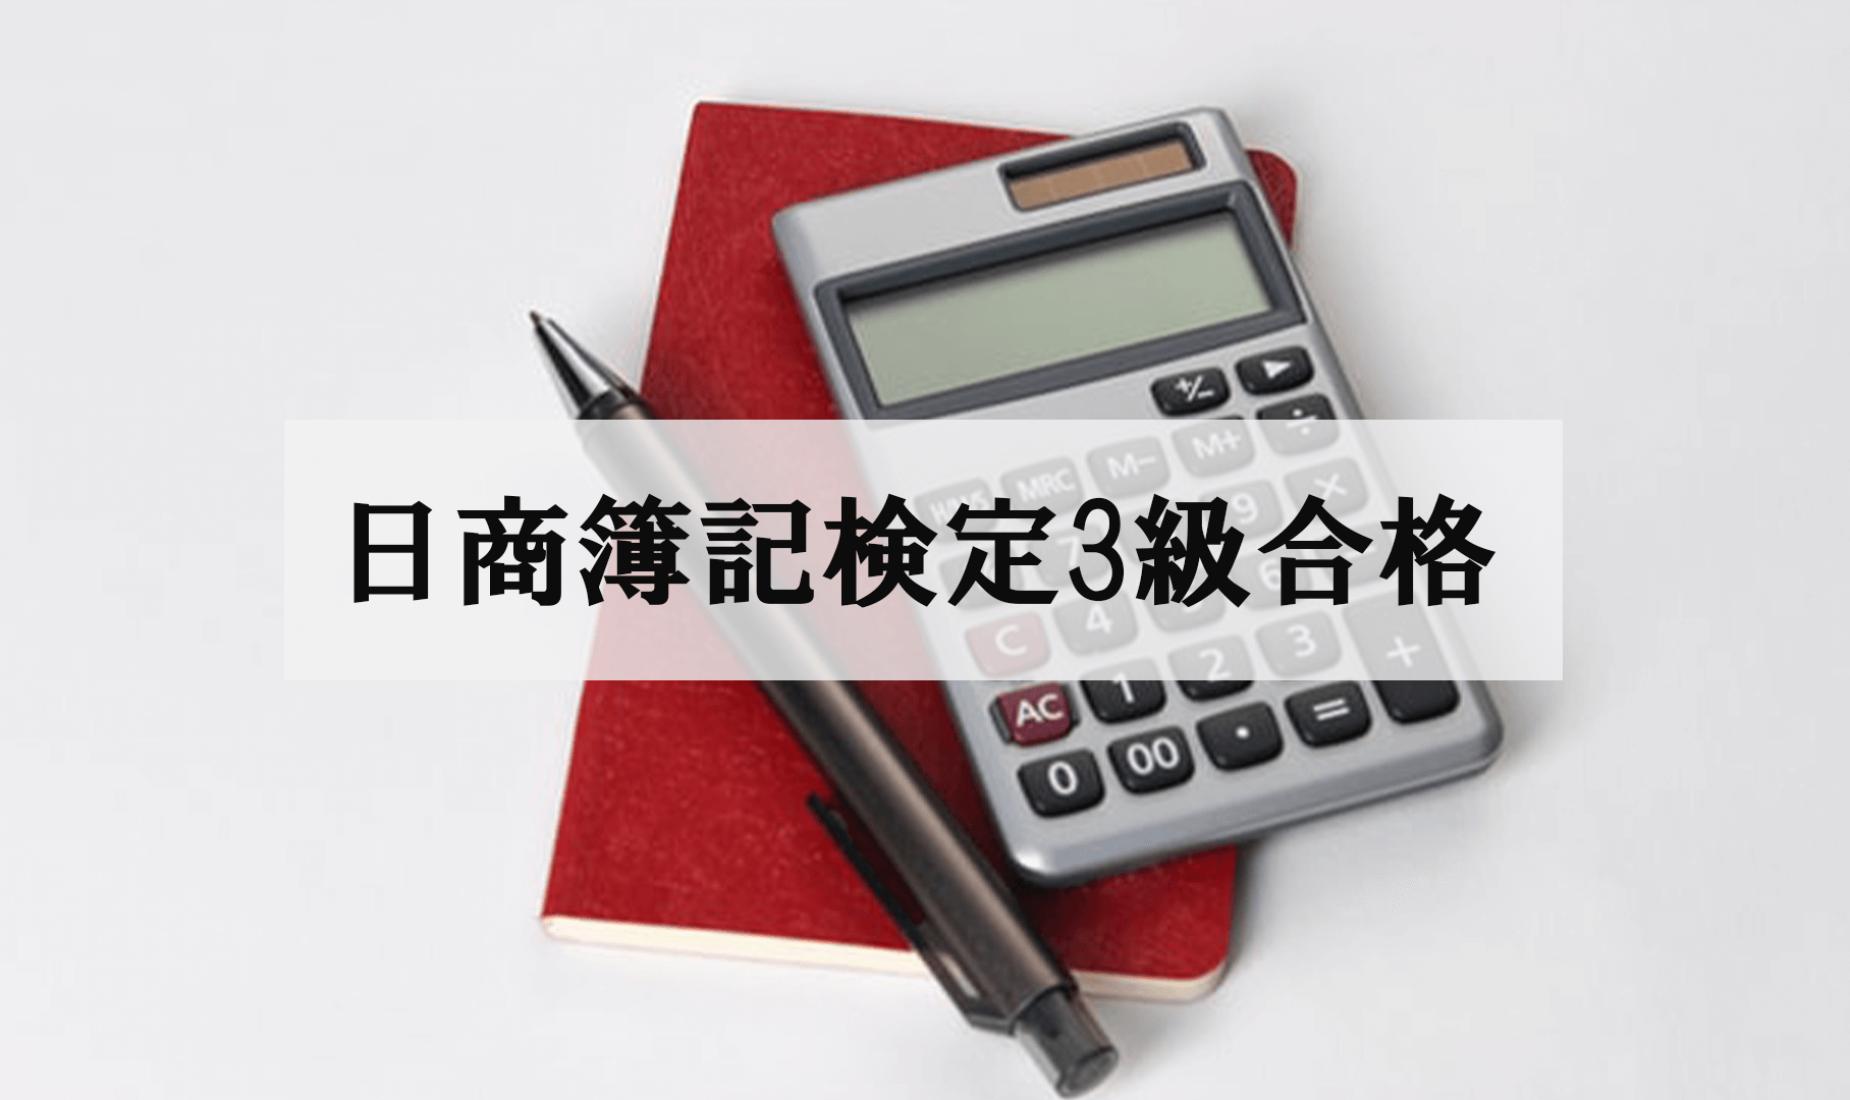 日商簿記検定3級合格 利用者・A